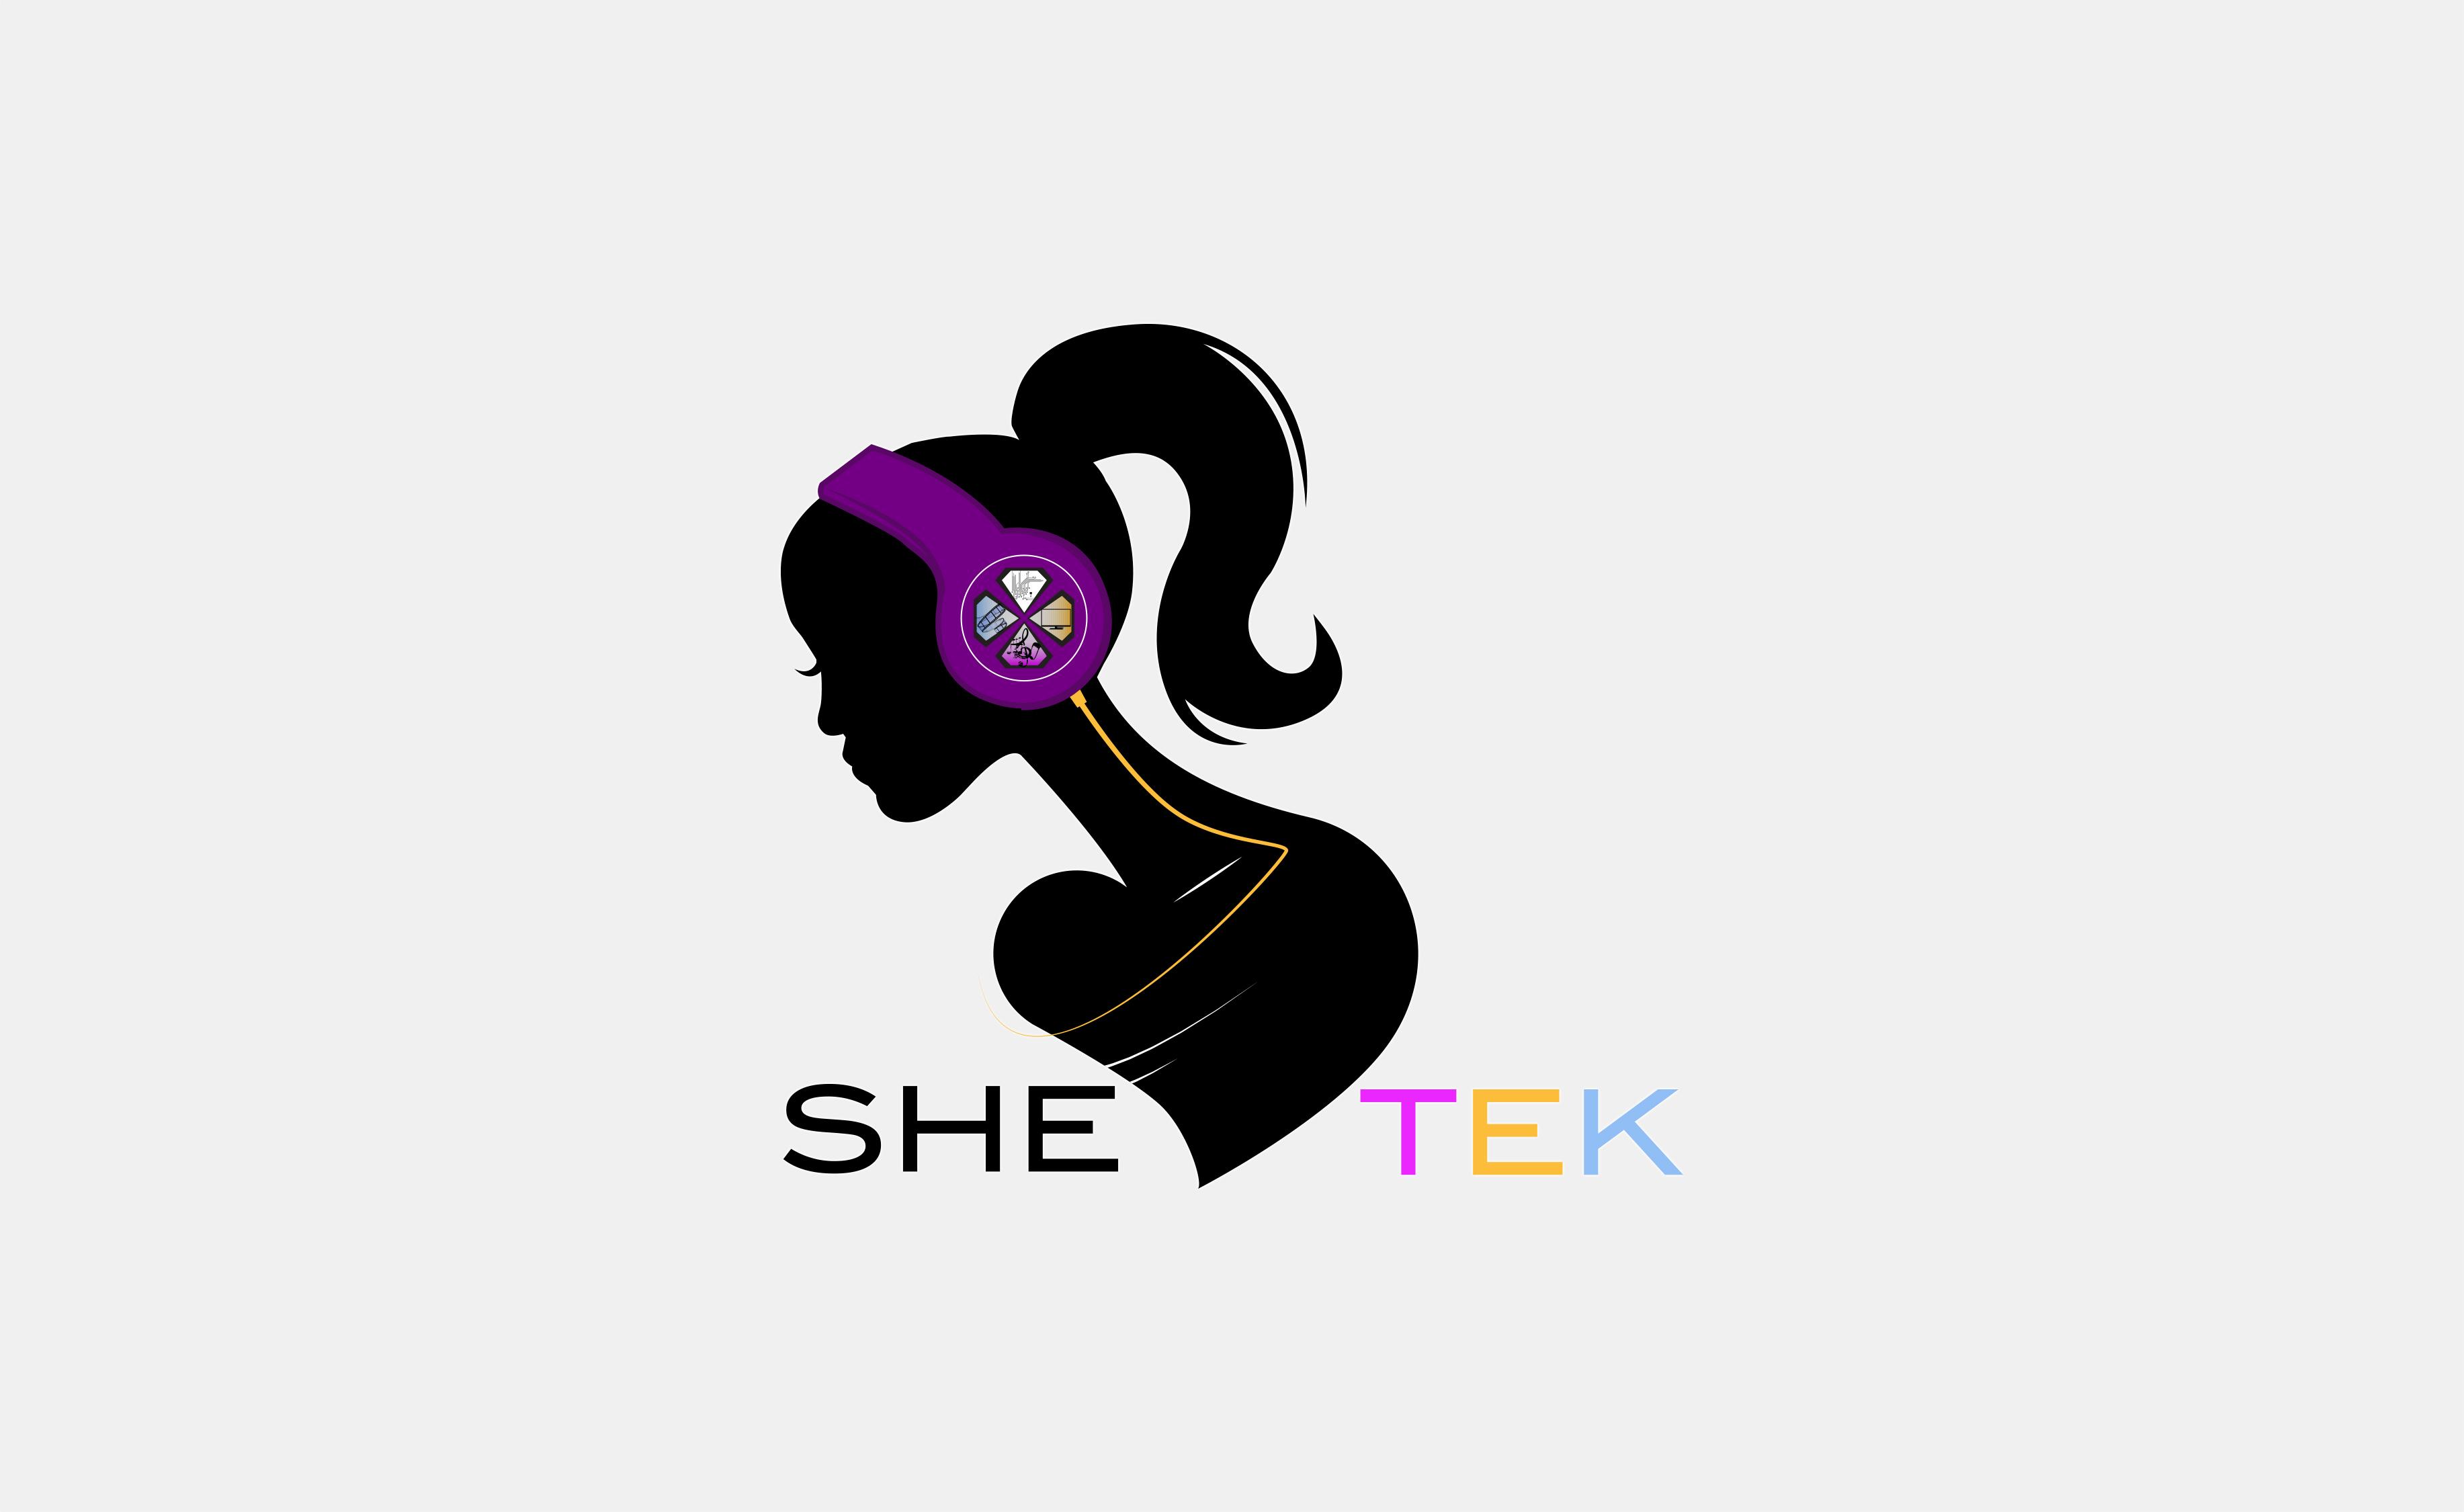 SheTek